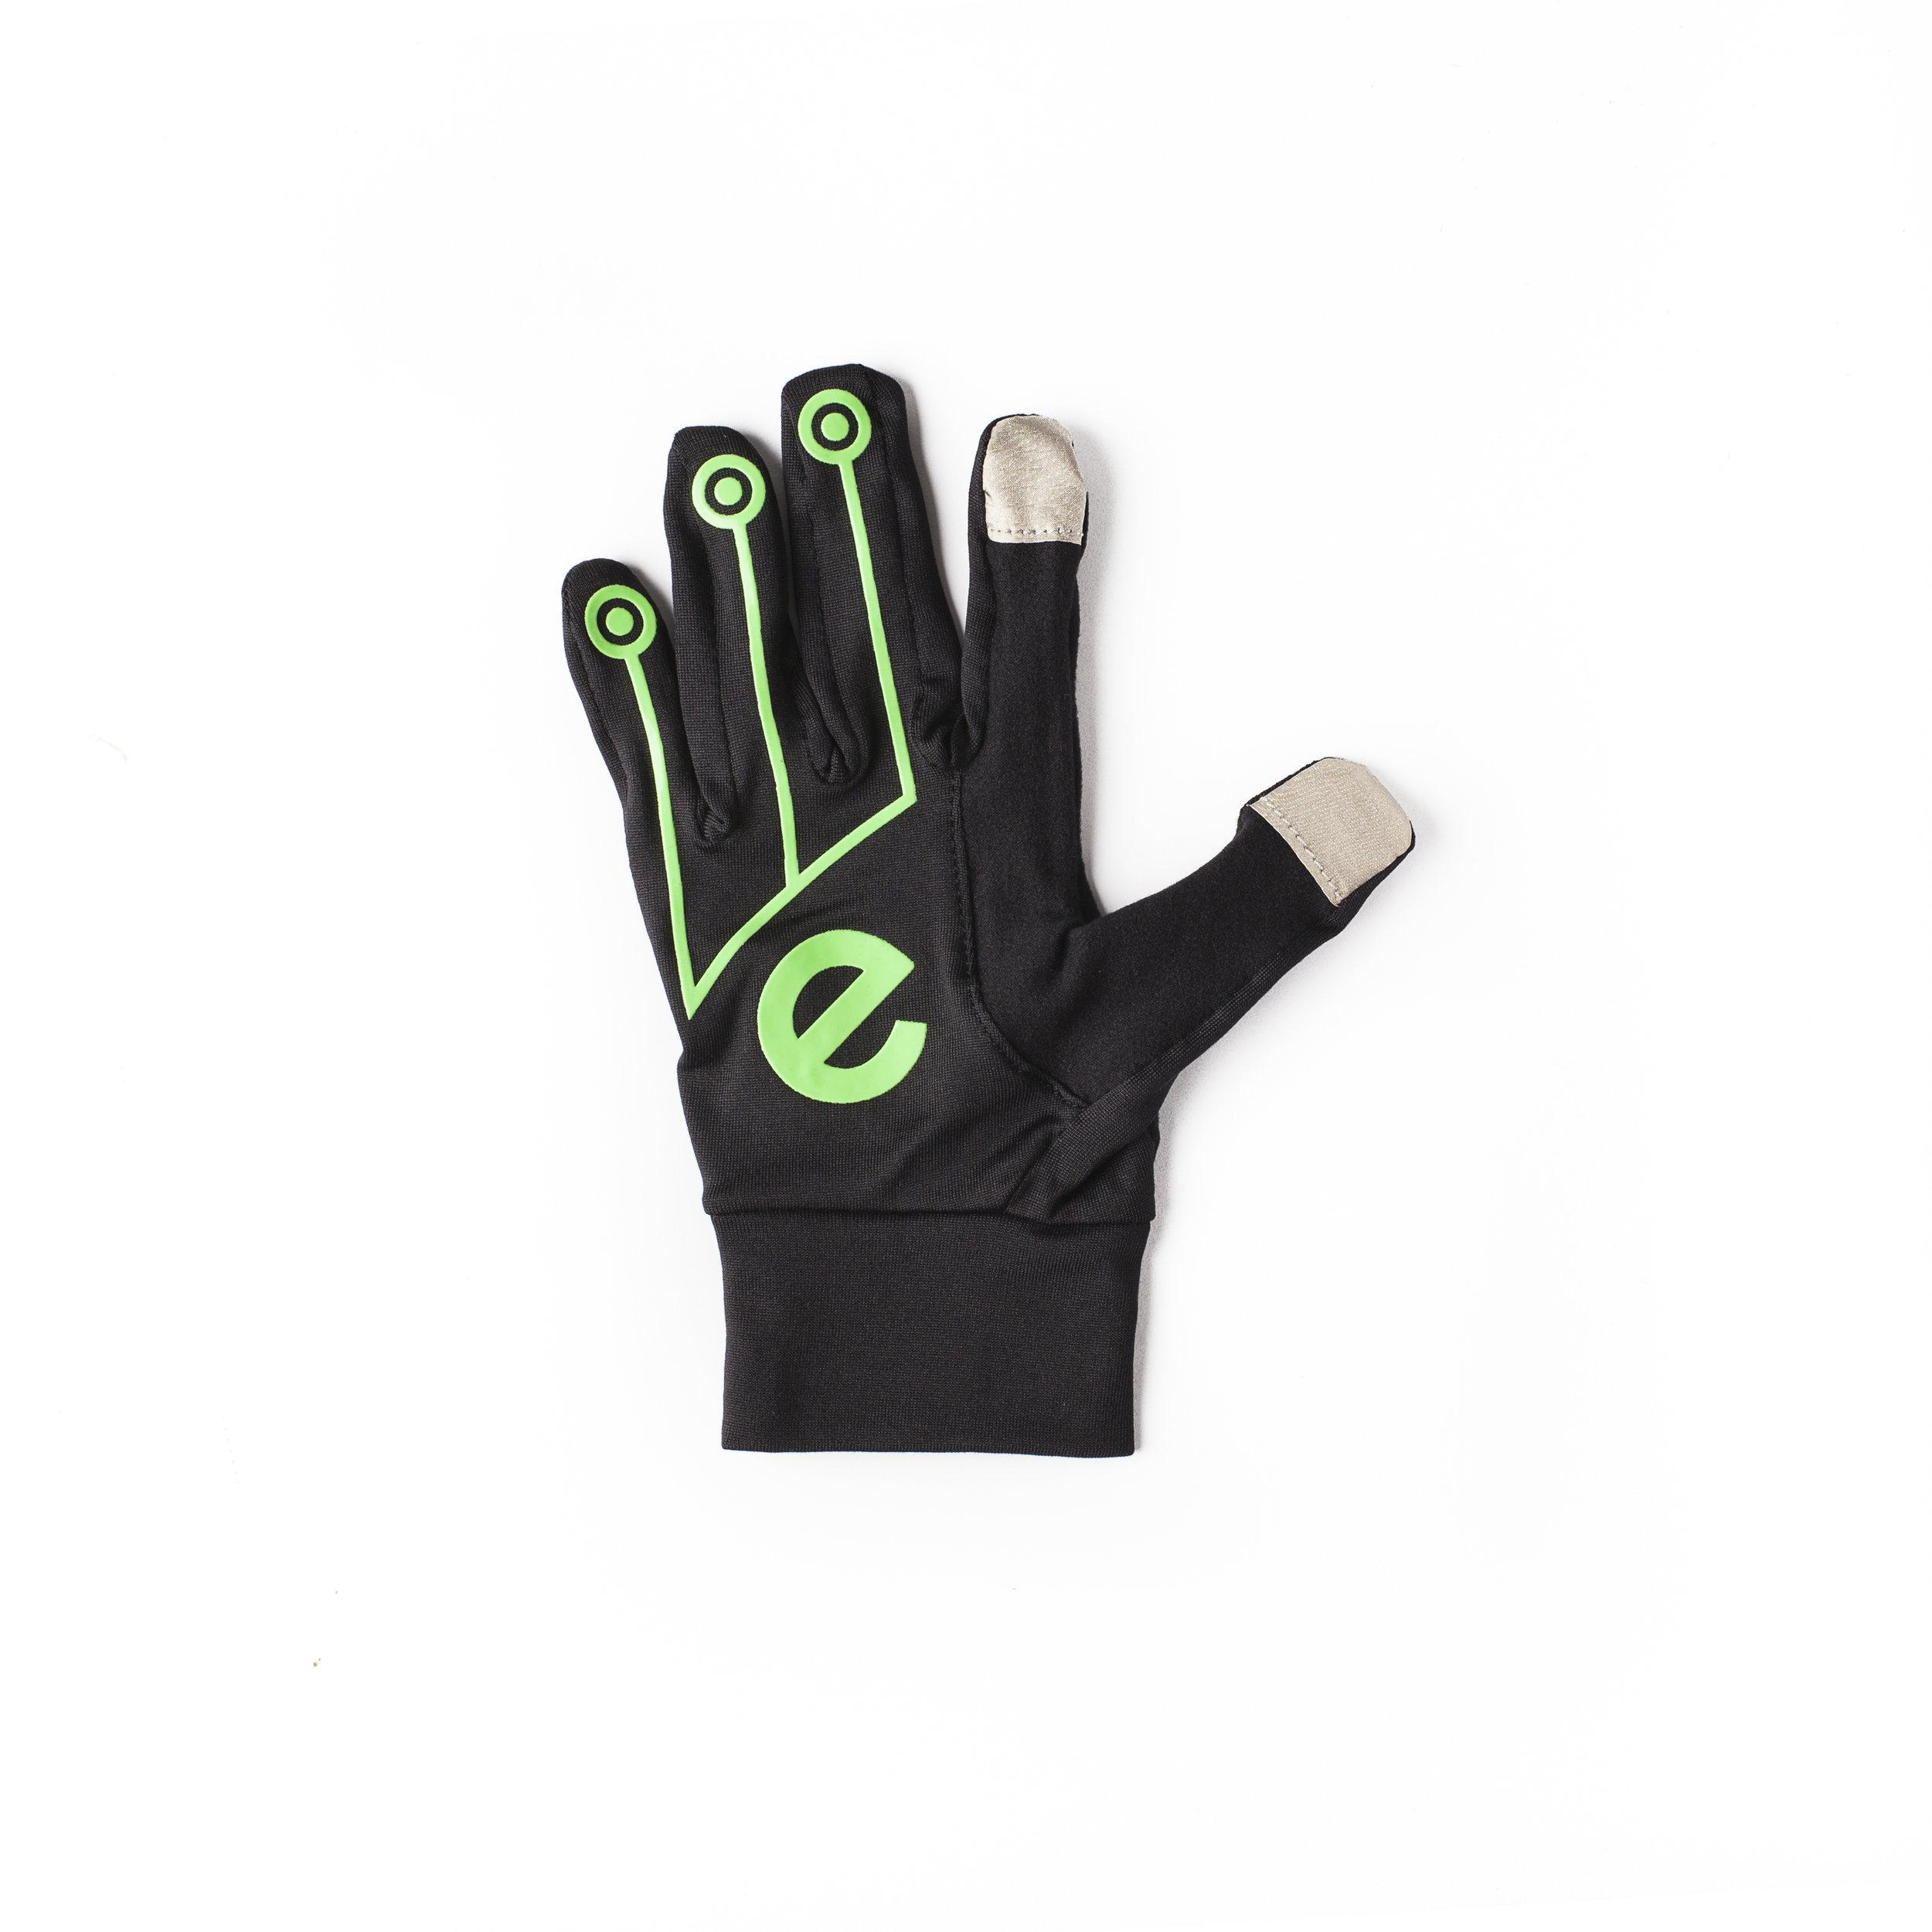 e-glove-Sport BG 2.jpg